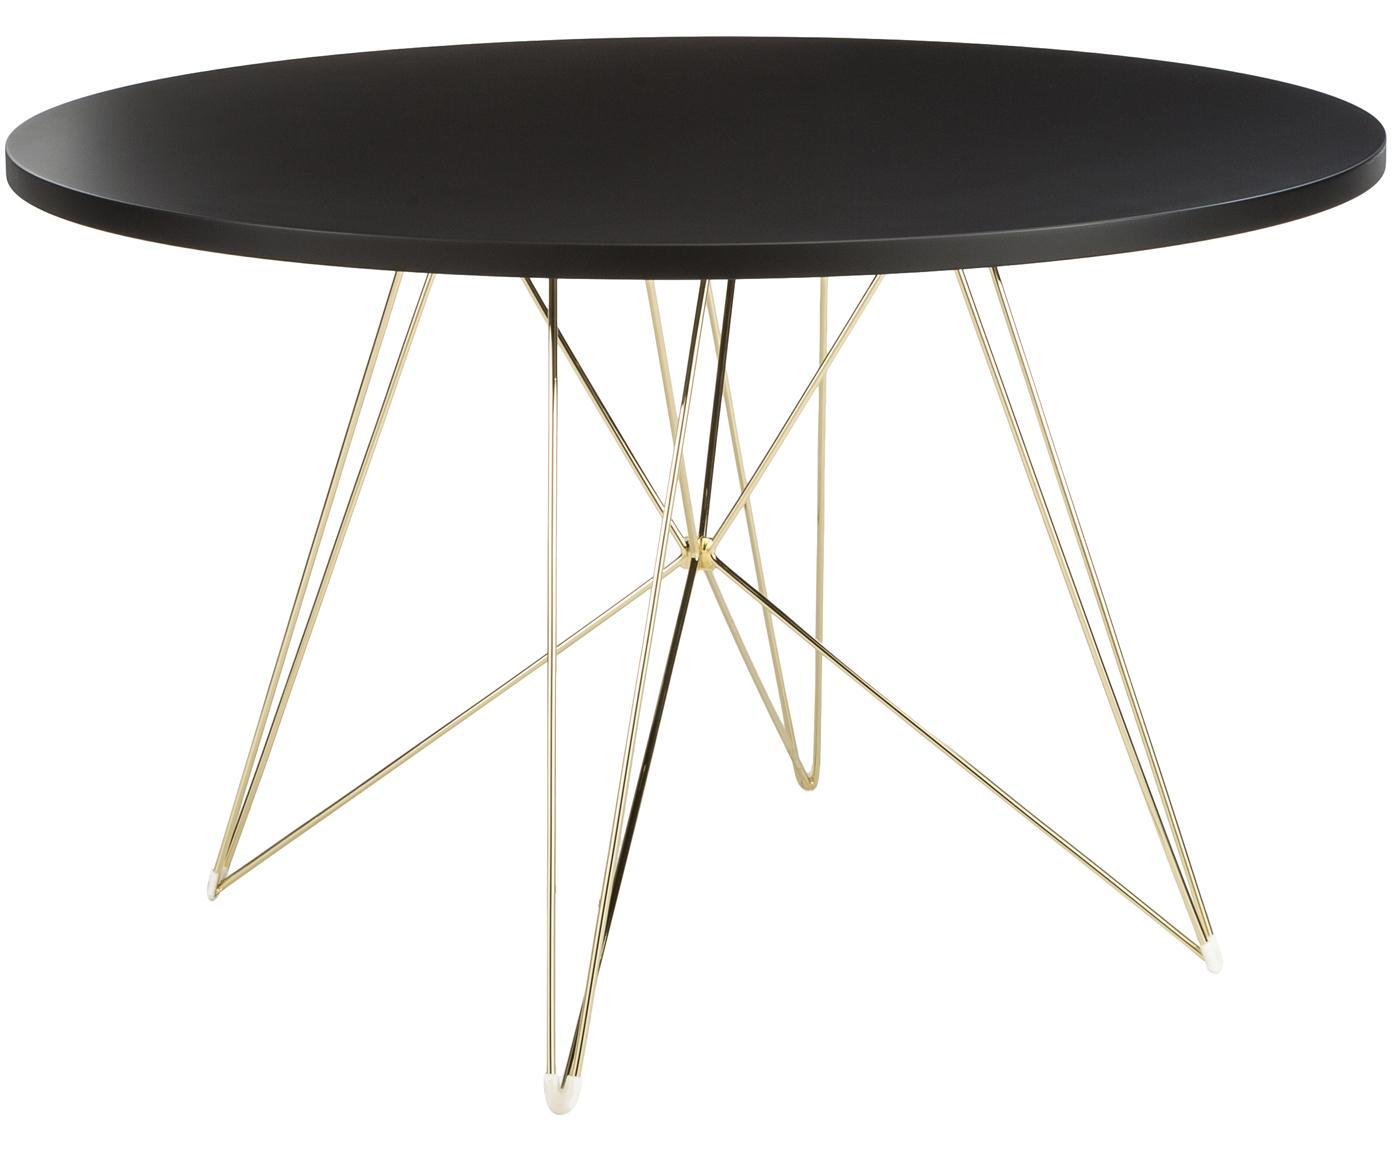 Tavolo rotondo con gambe a cavalletto XZ3, Piano d'appoggio: fibra a media densità con, Gambe: filo di acciaio ottonato, Ottone, Ø 120 x Alt. 74 cm